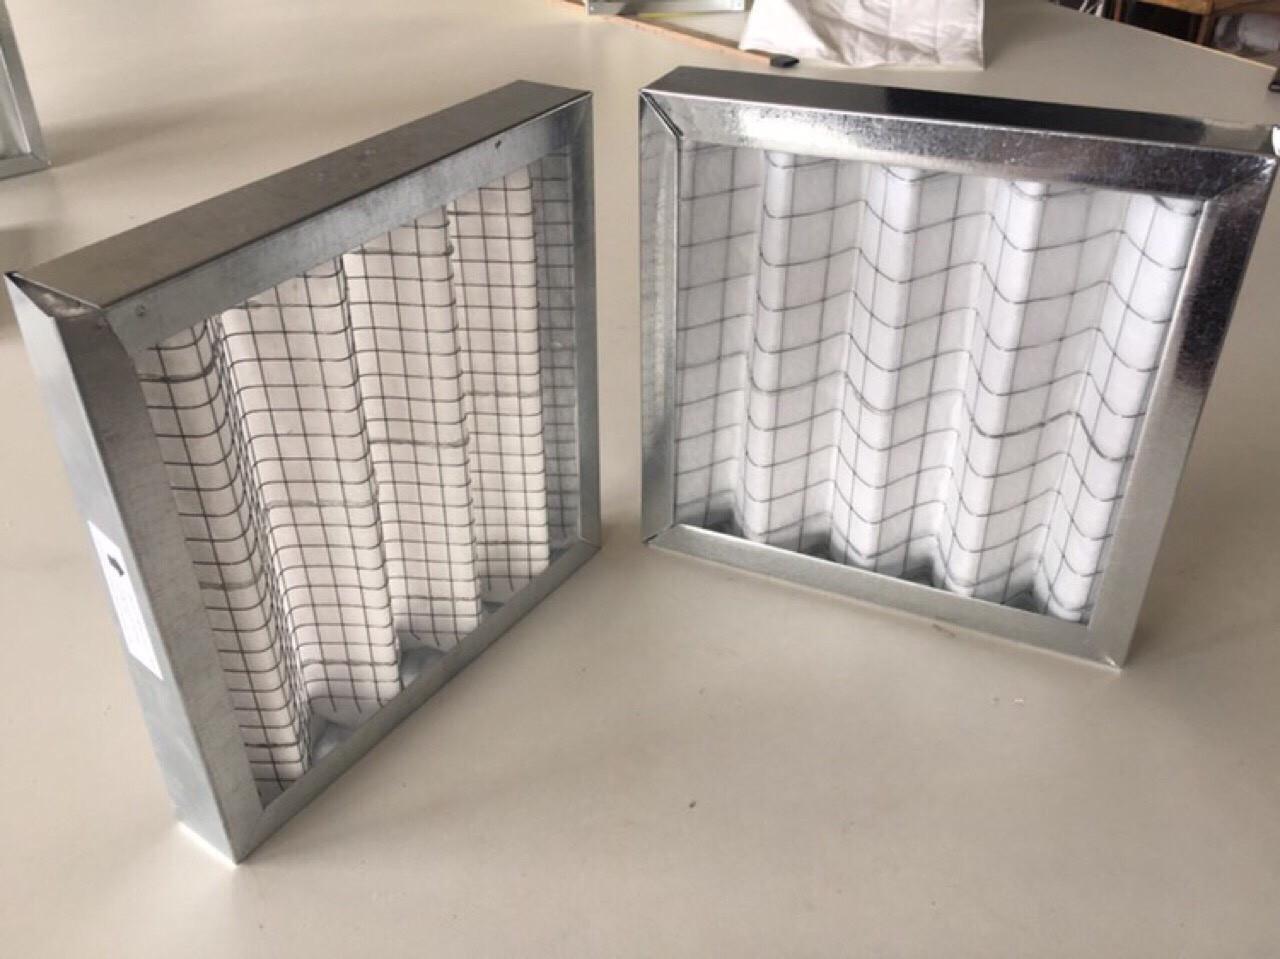 панельный фильтр g4